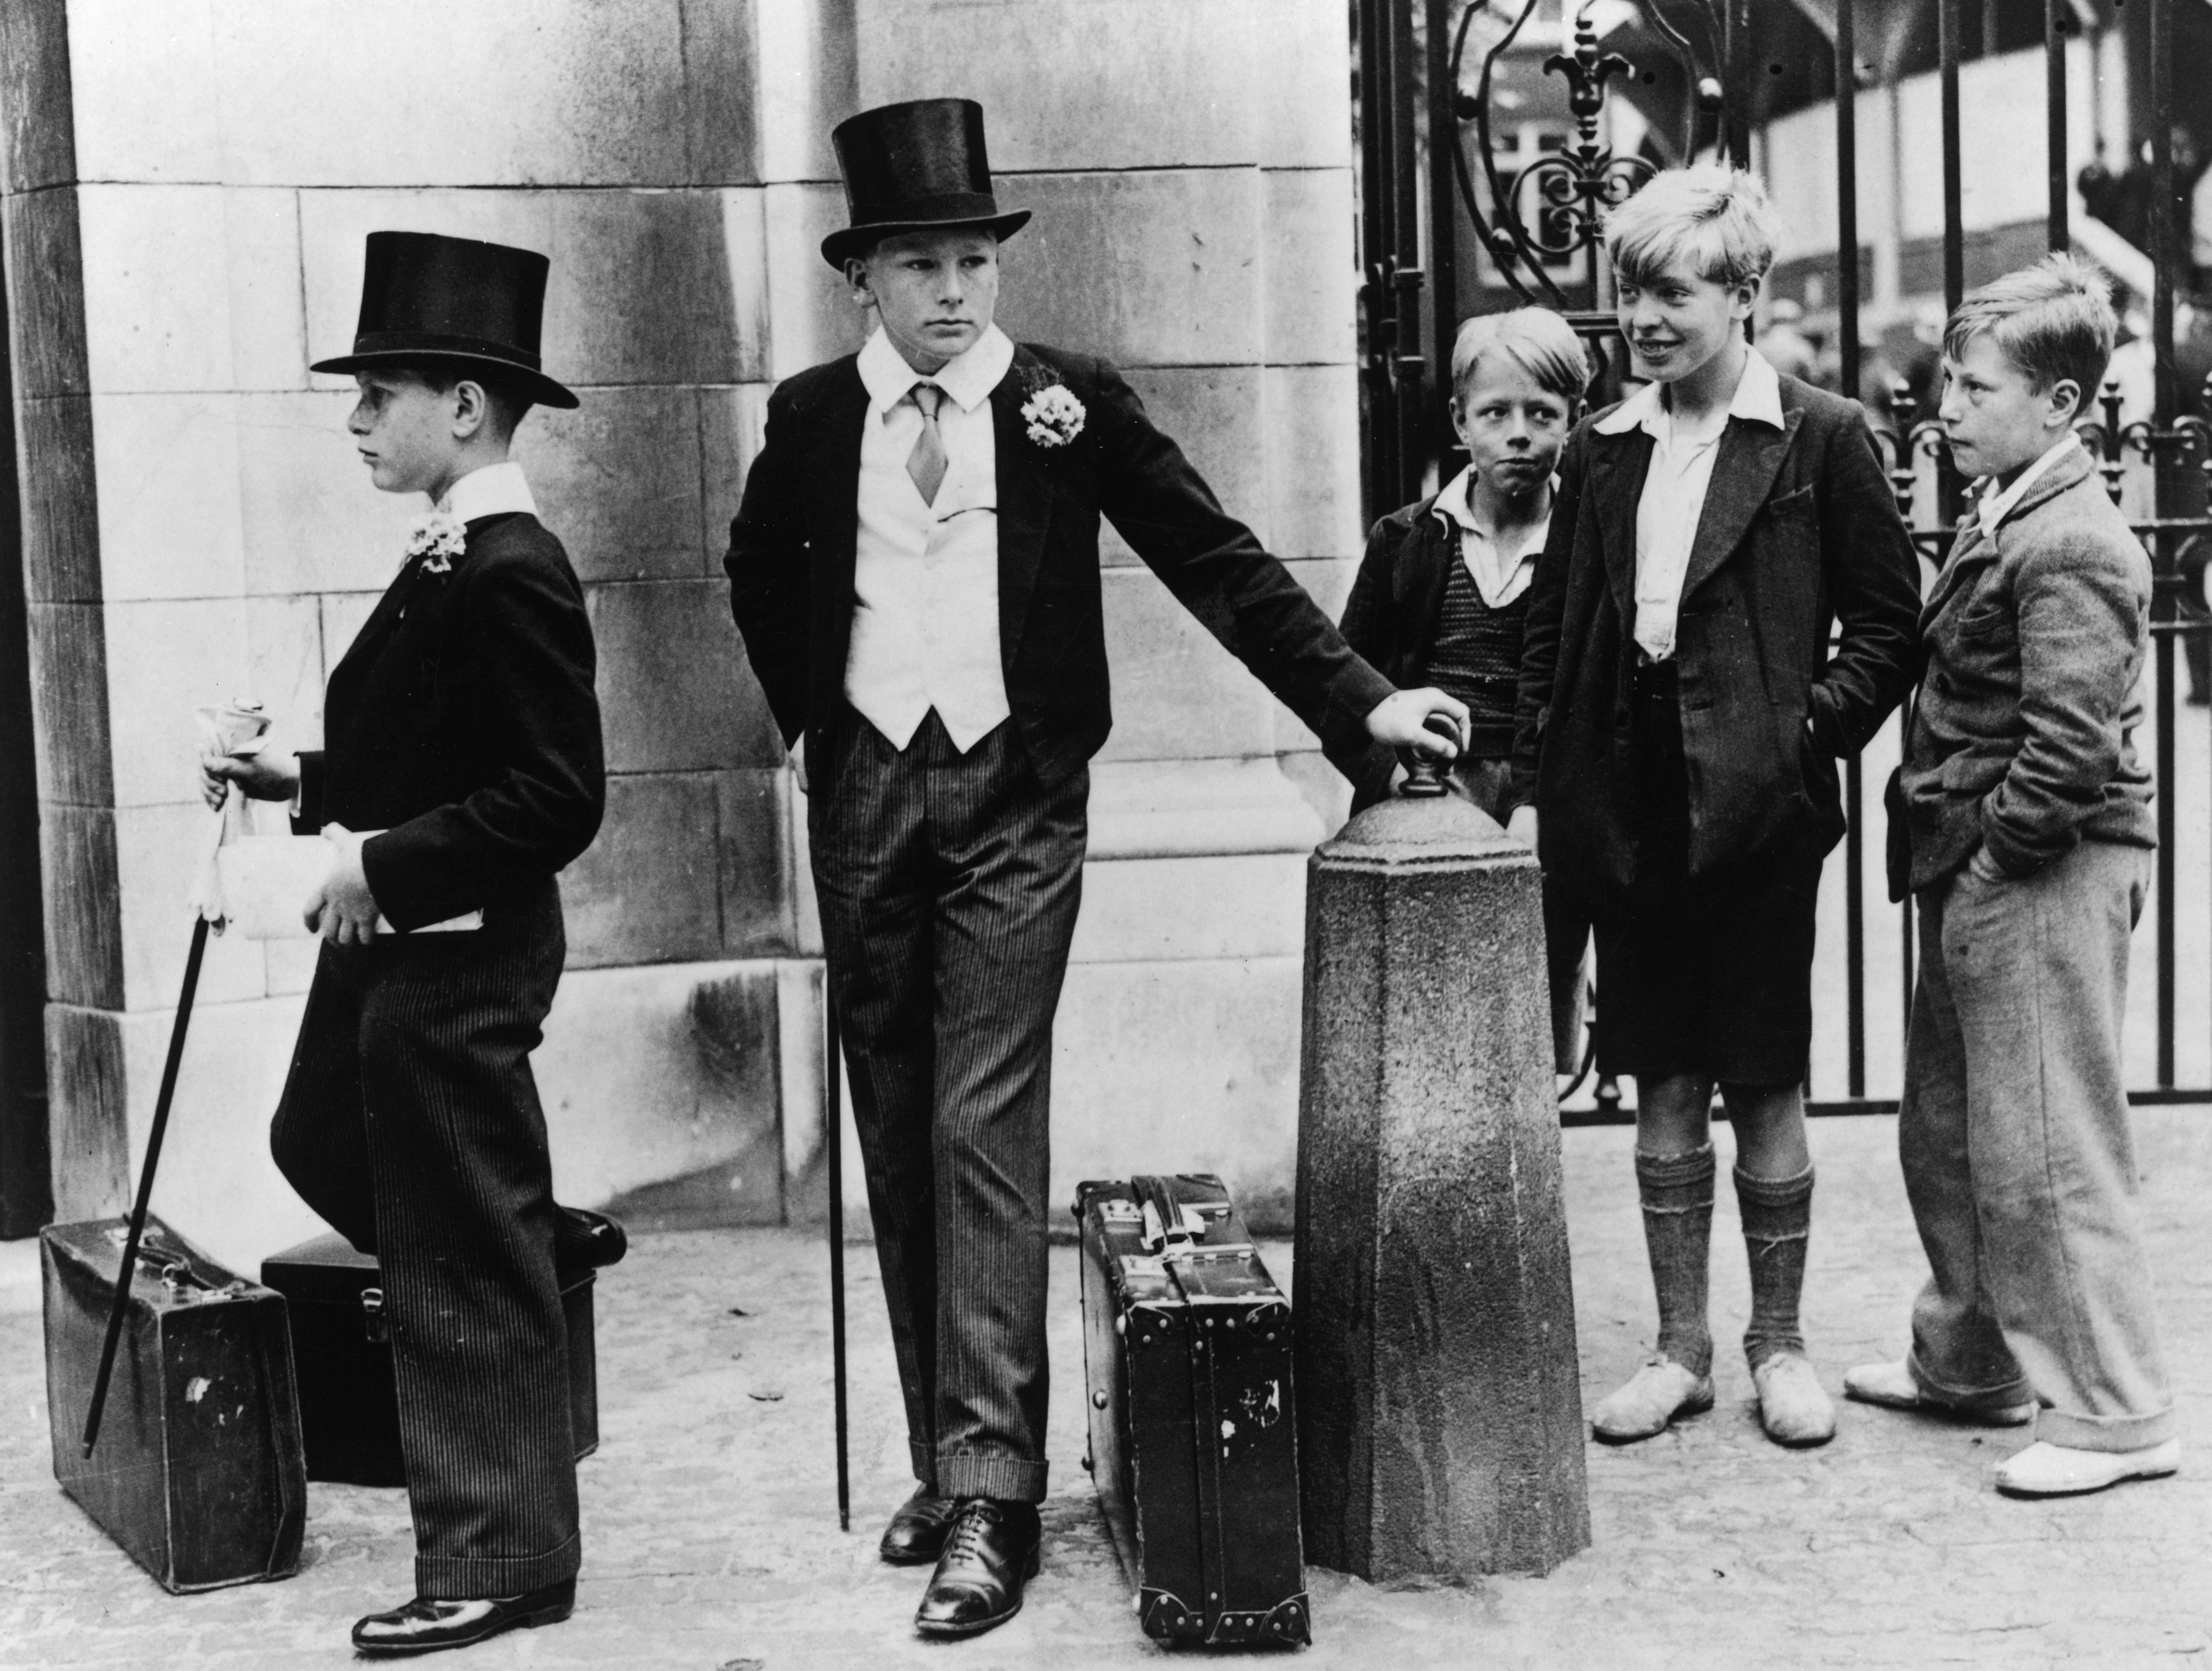 Los estudios genéticos de la inteligencia pueden arrojar luz sobre las elecciones escolares y la movilidad social. Aquí, los niños de la élite de la escuela británica Harrow tienen curiosos.